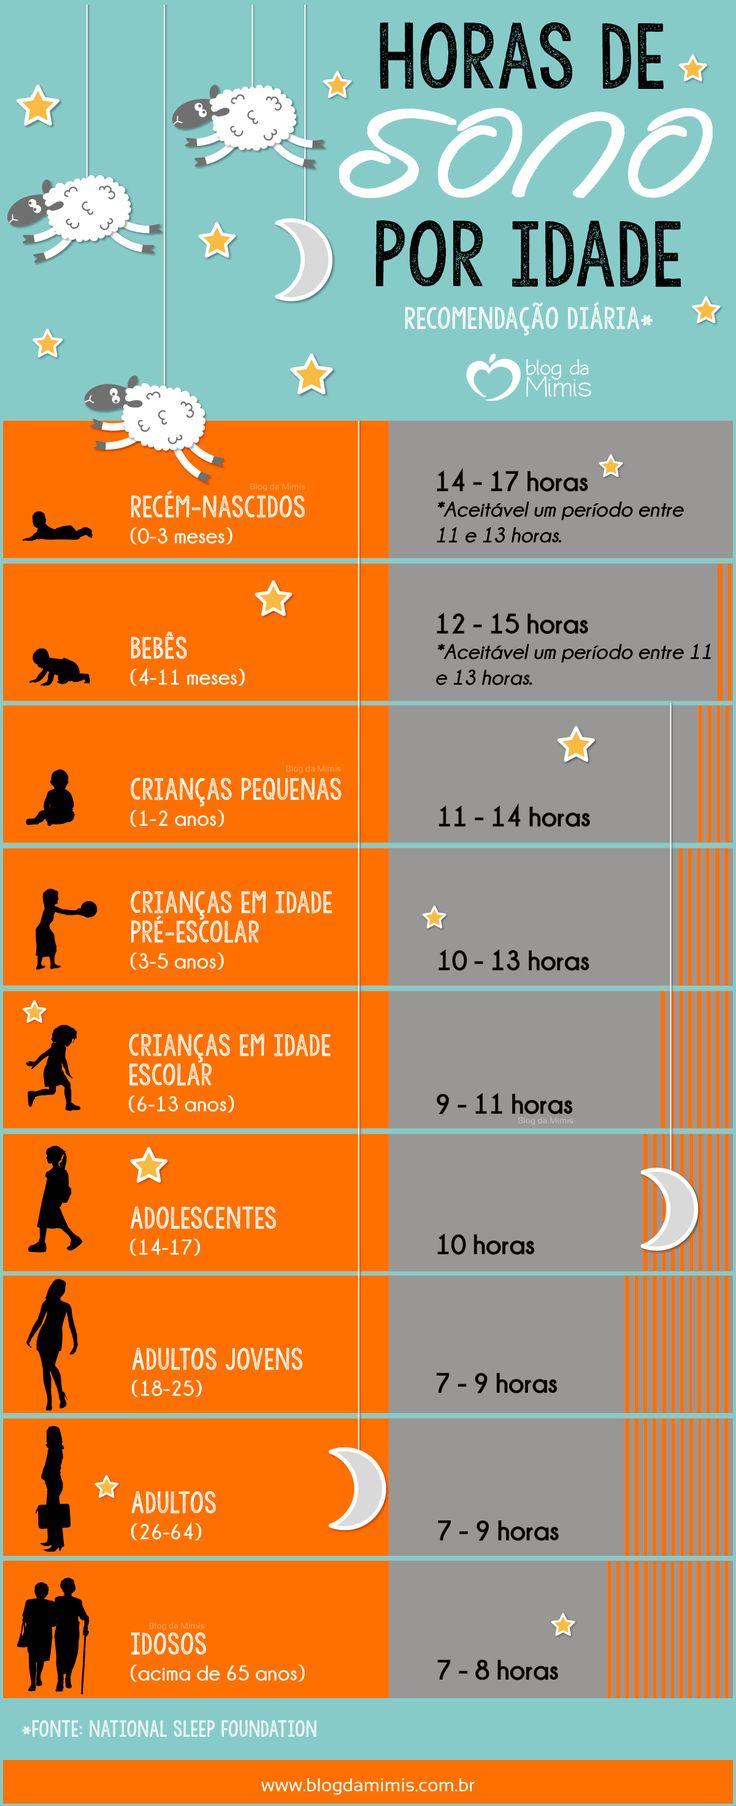 O sono serve para recarregar as nossas energias e garantir disposição. A quantidade de sono ideal afasta problemas como cansaço, falta de concentração, ansiedade e até ganho de peso. Vocês já devem ter reparado que dormir demais não adianta. Existe…